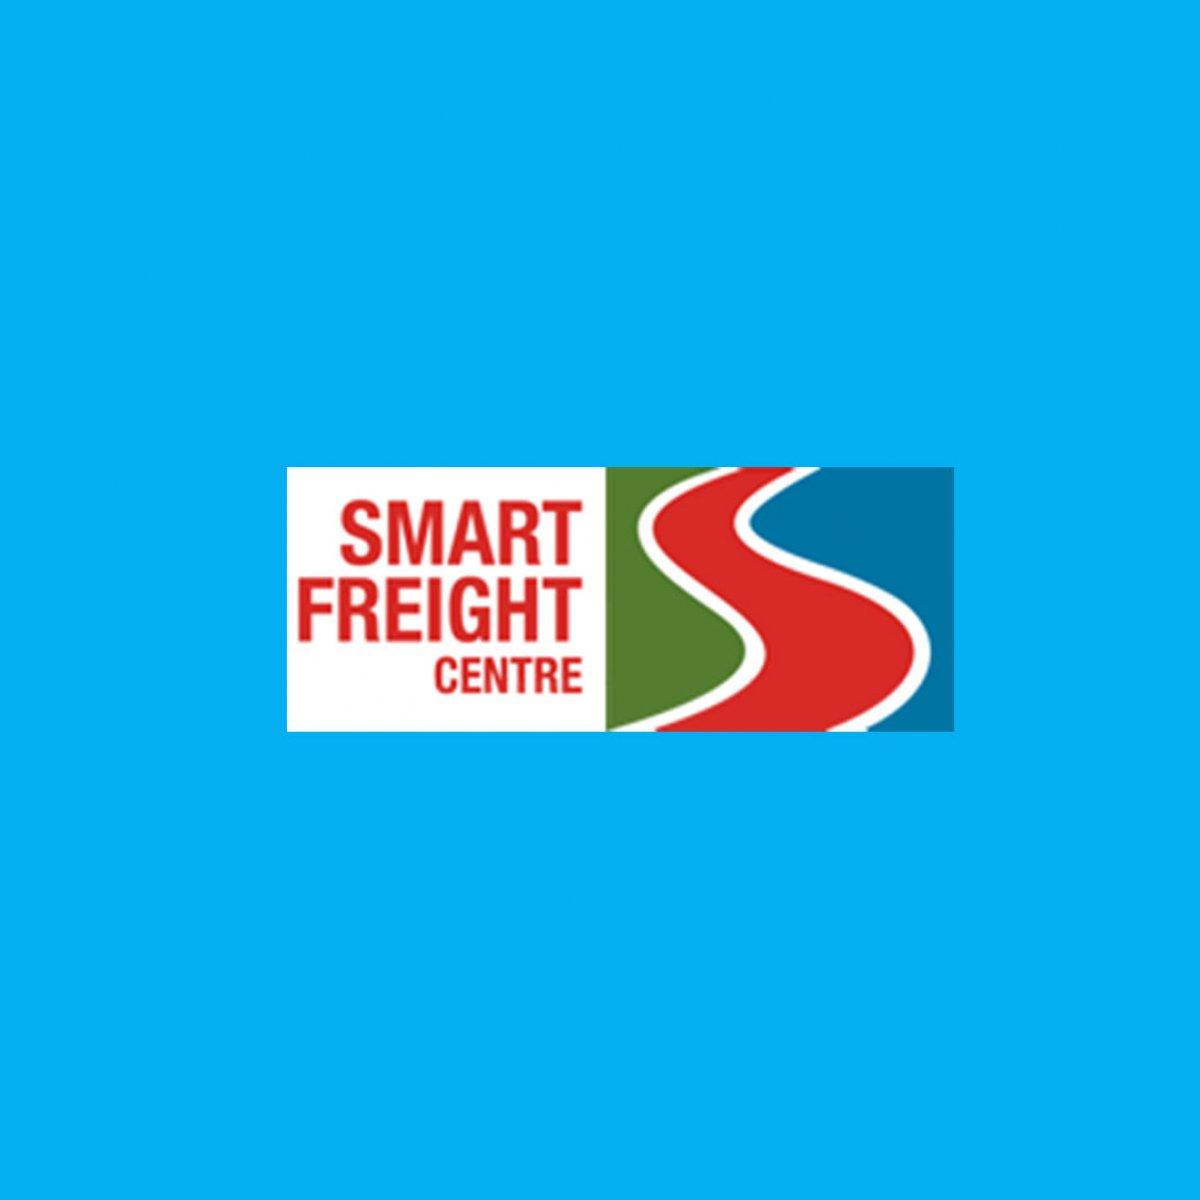 smartfreightcentre.org